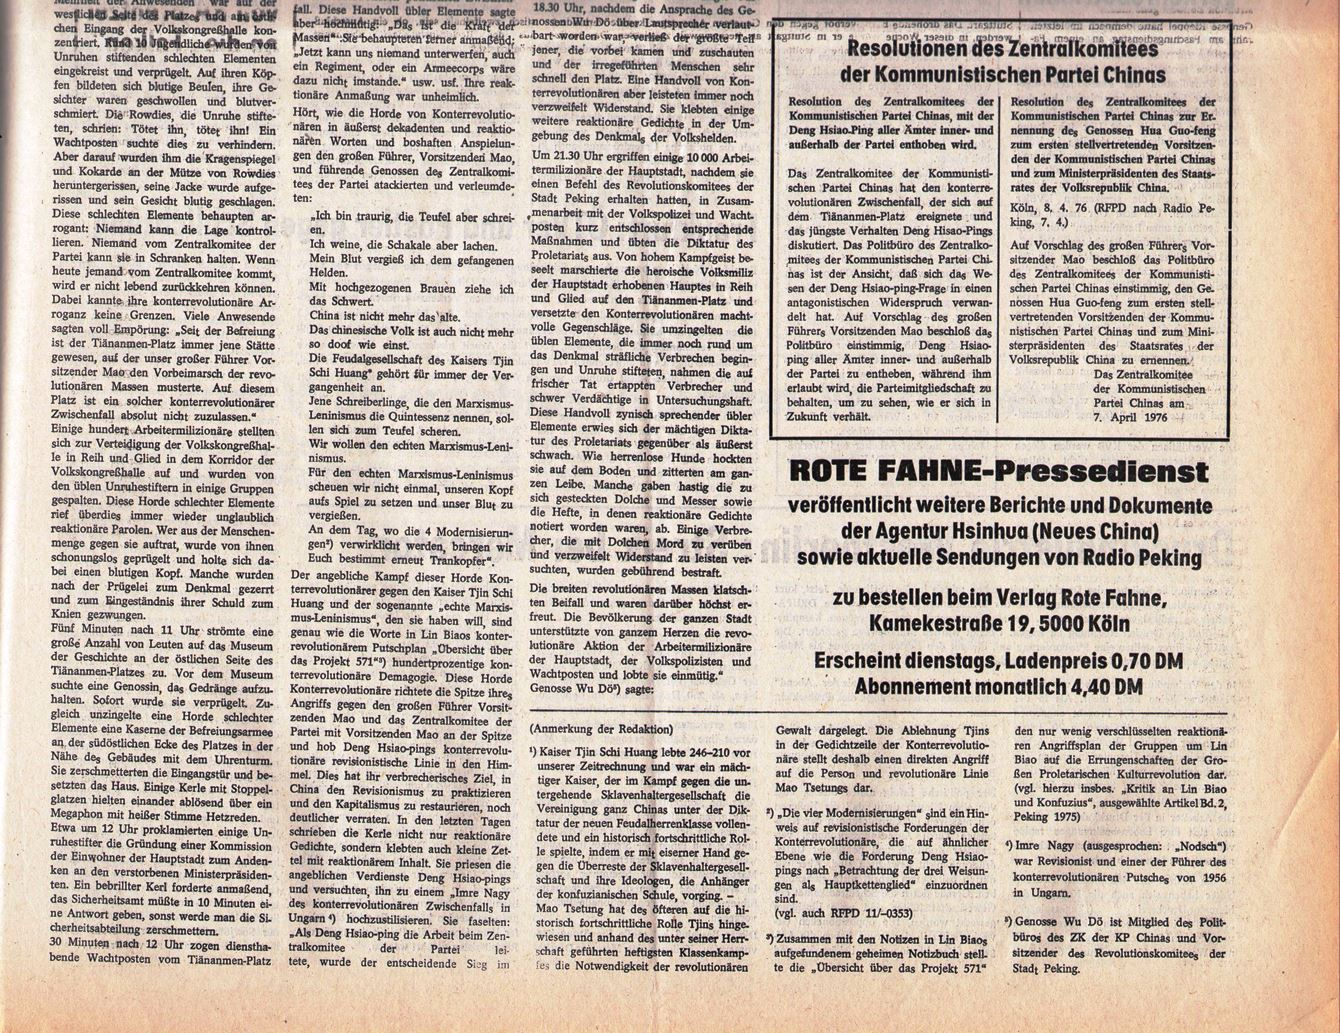 KPD_Rote_Fahne_1976_15_06